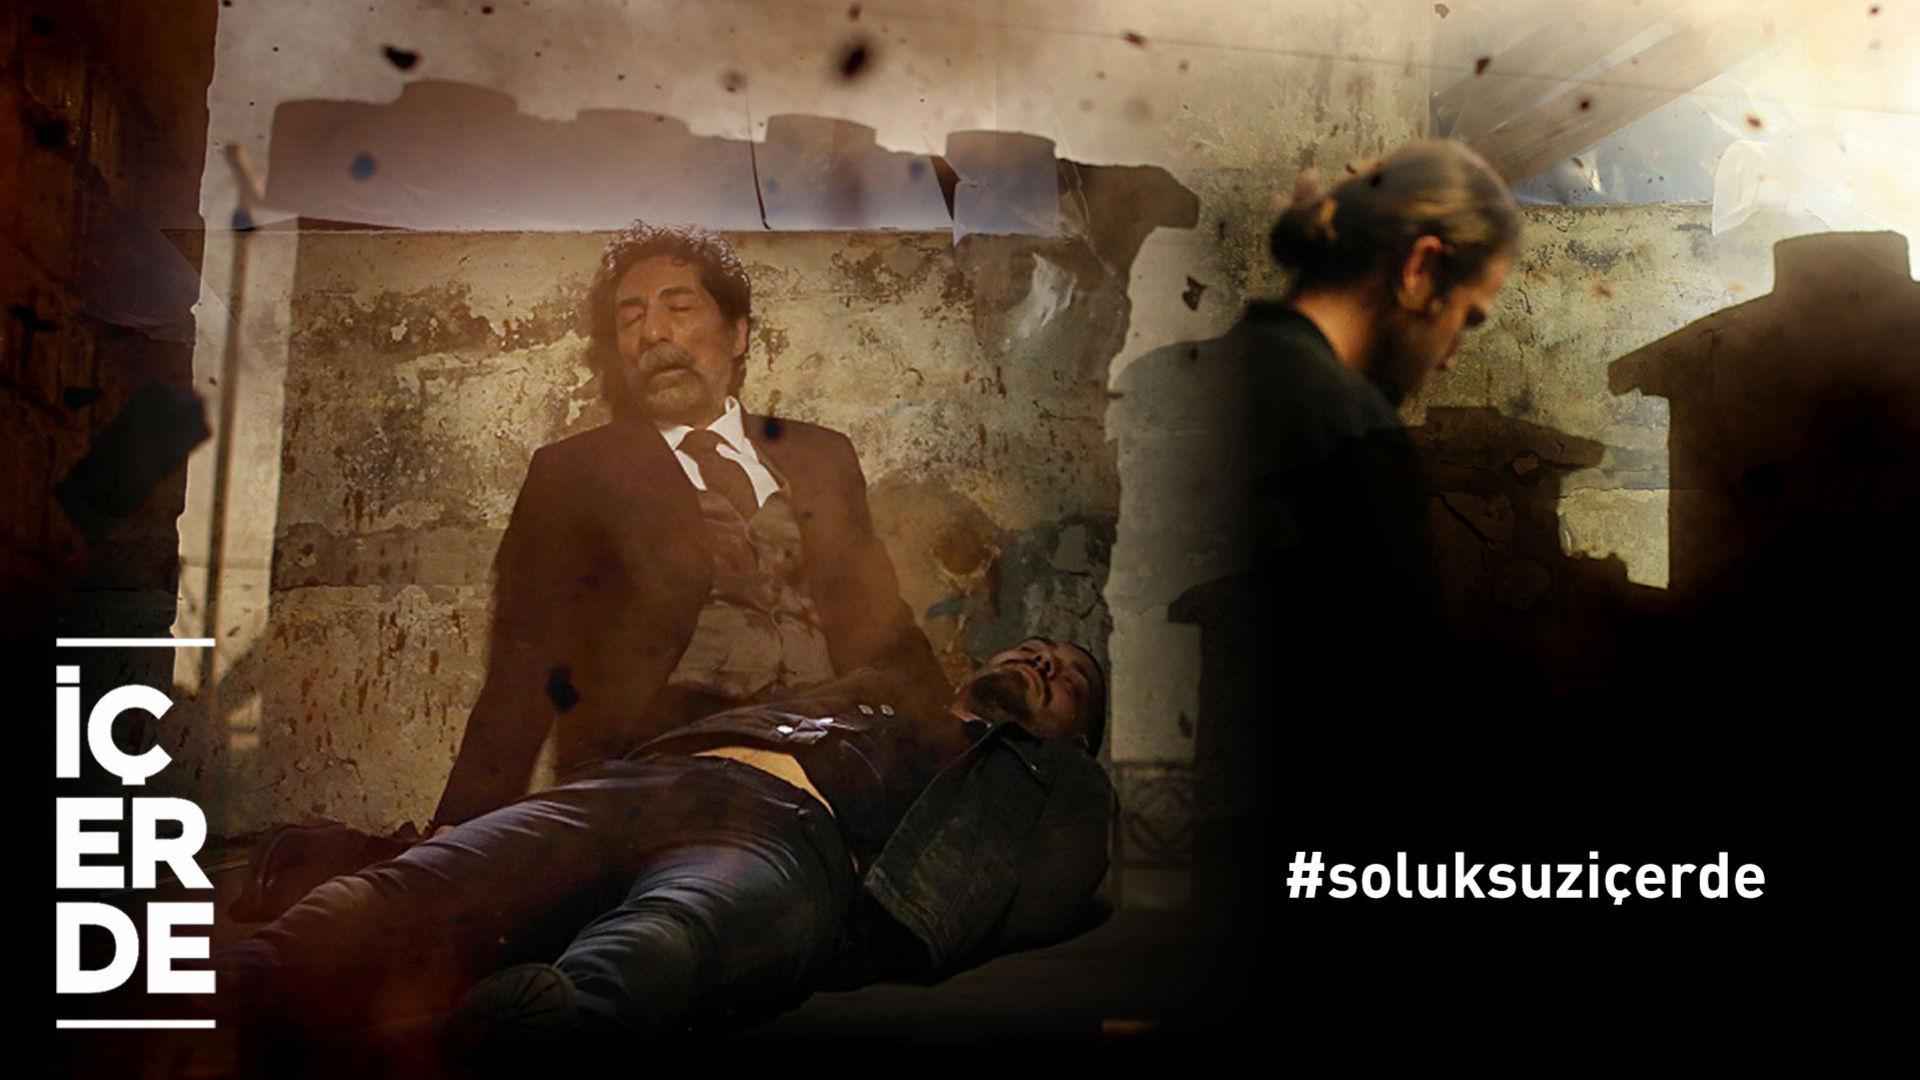 #soluksuziçerde etiketi sosyal medyayı salladı!